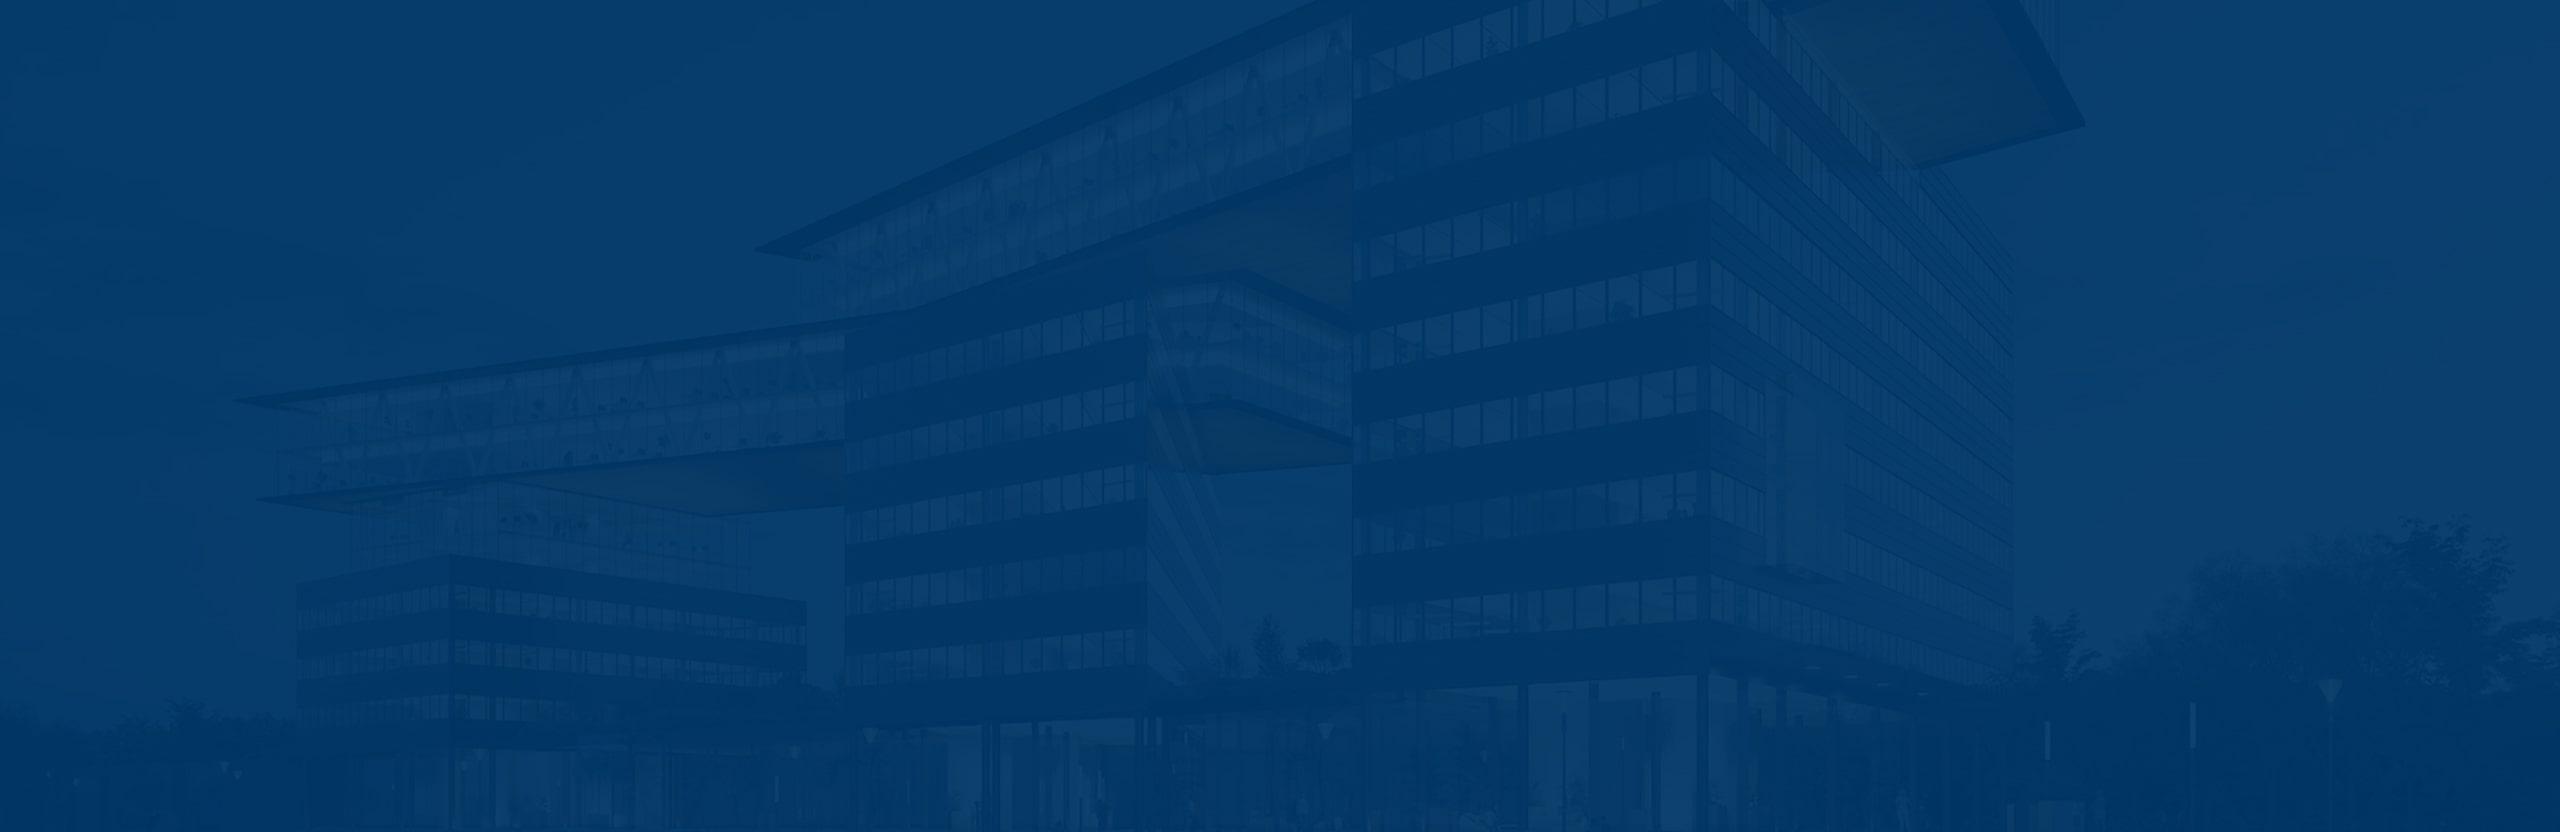 virtual-congress-2021-cover-blue